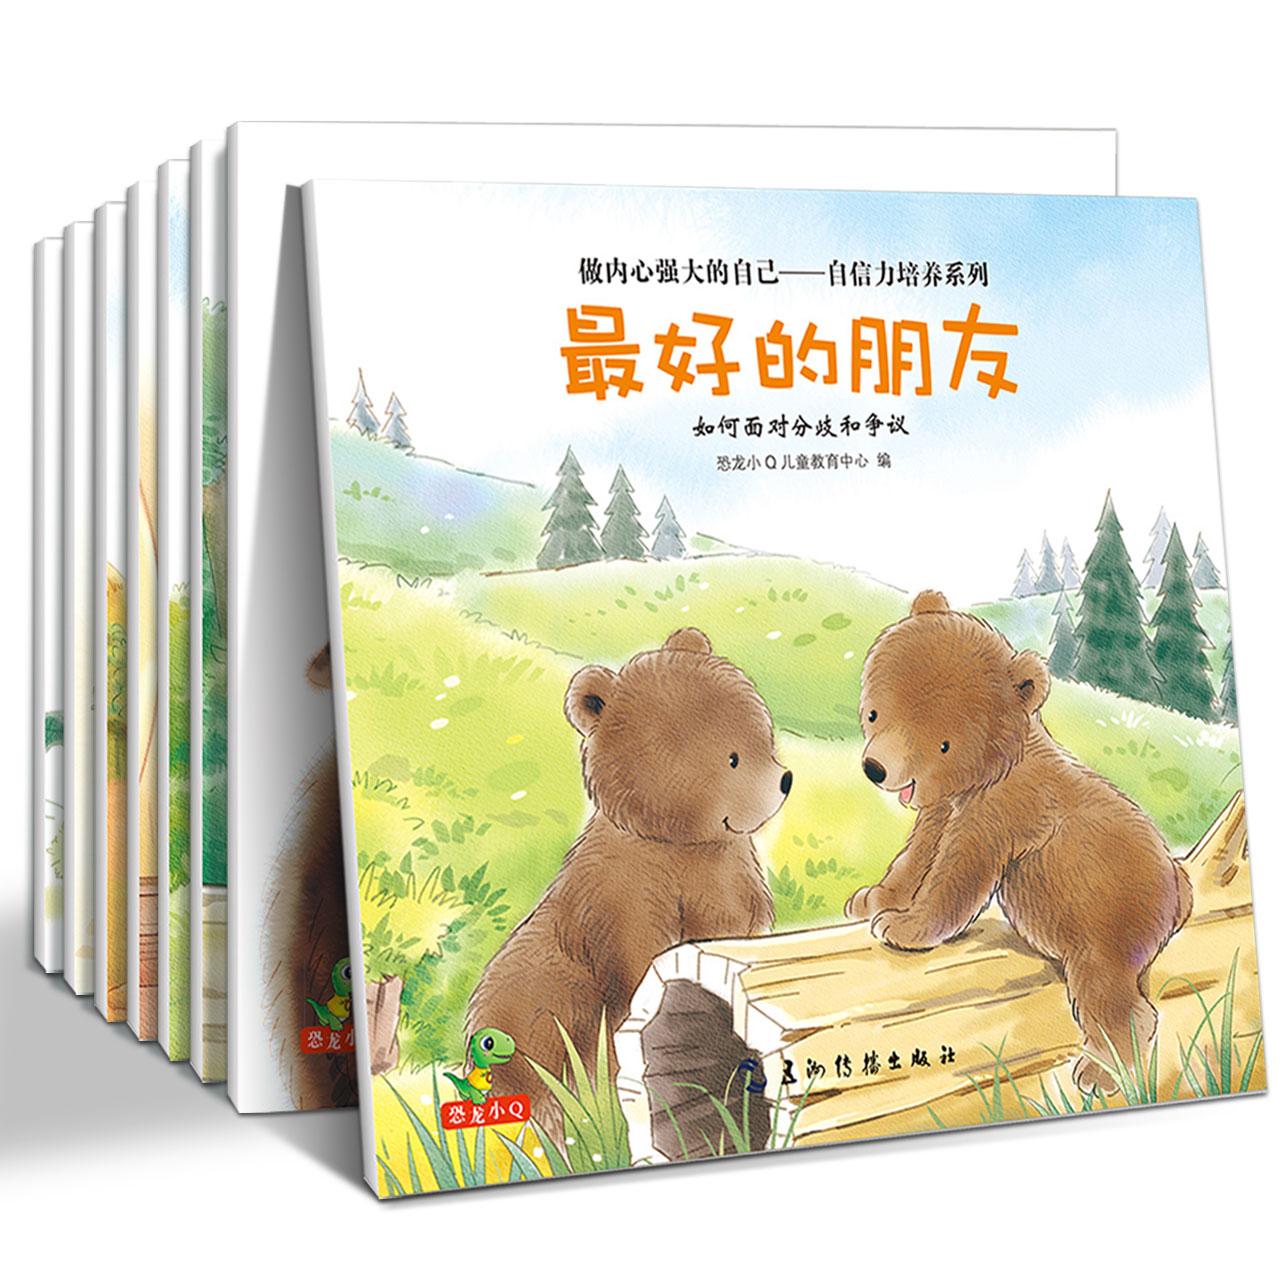 培养孩子强大内心8册正版儿童绘本故事书3-6岁幼儿图书籍性格亲子情商培养早教启蒙图画童话读物做内心强大的自己自信力培养系列